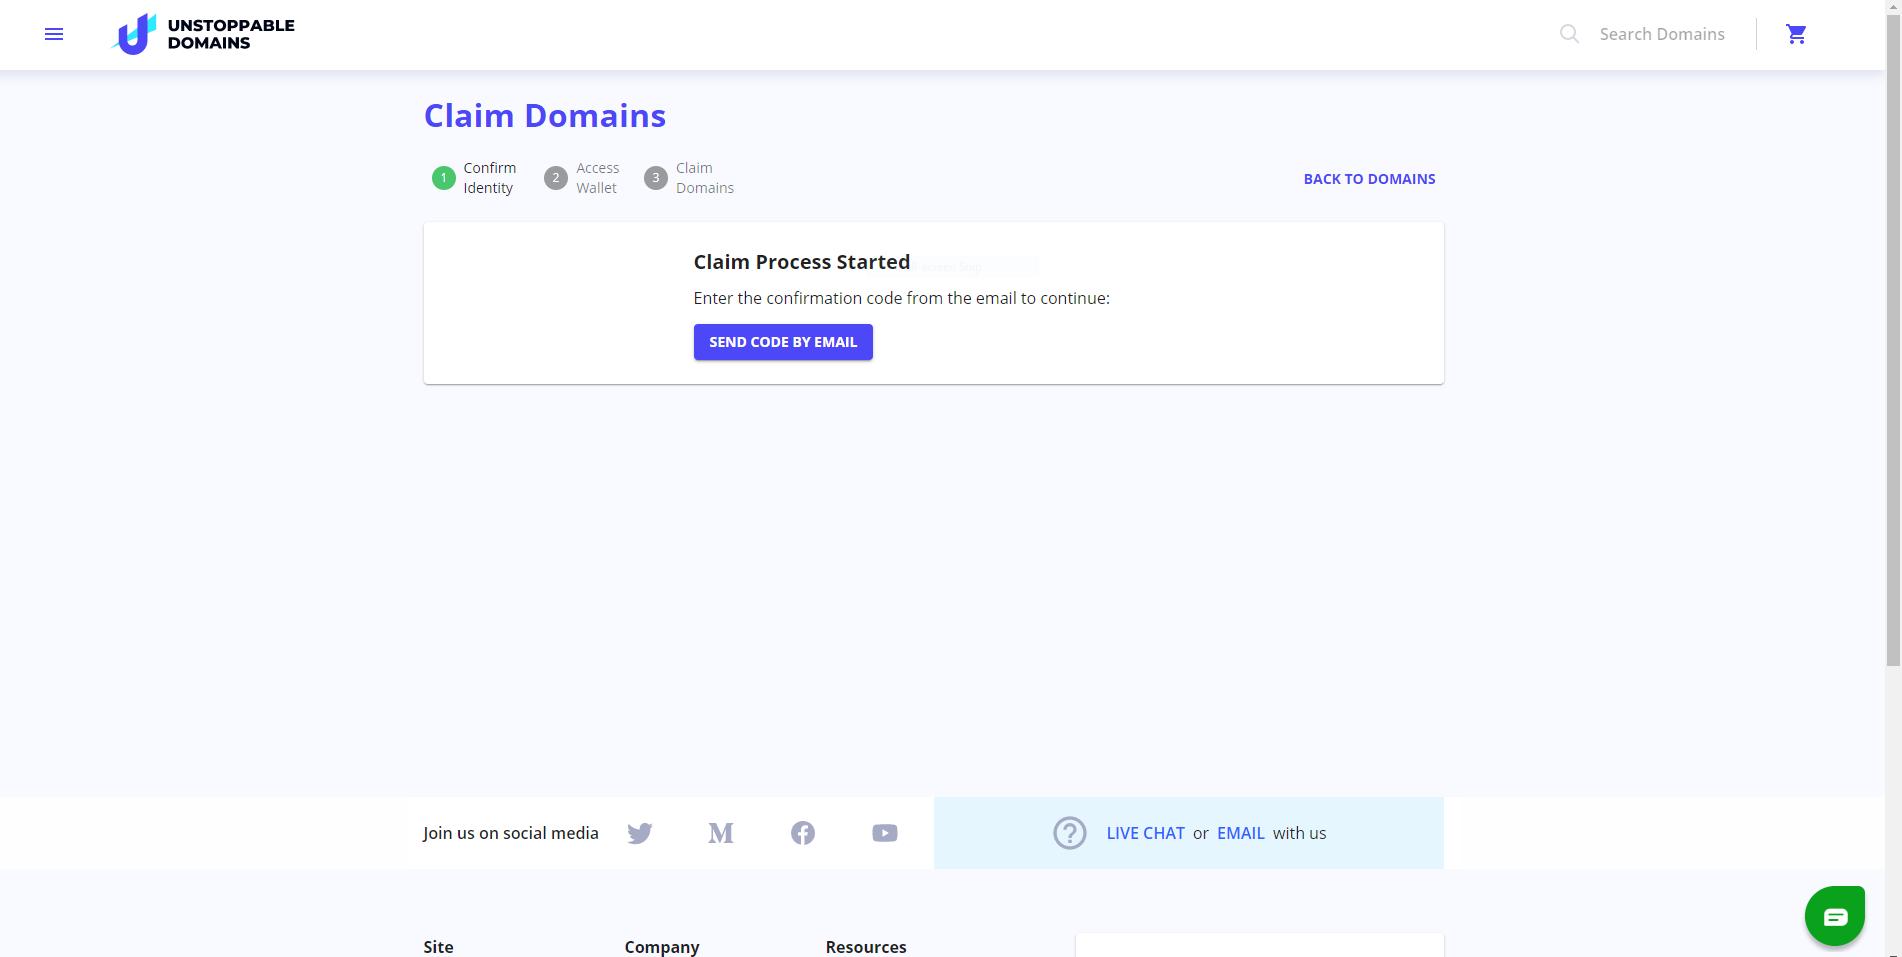 claim domains